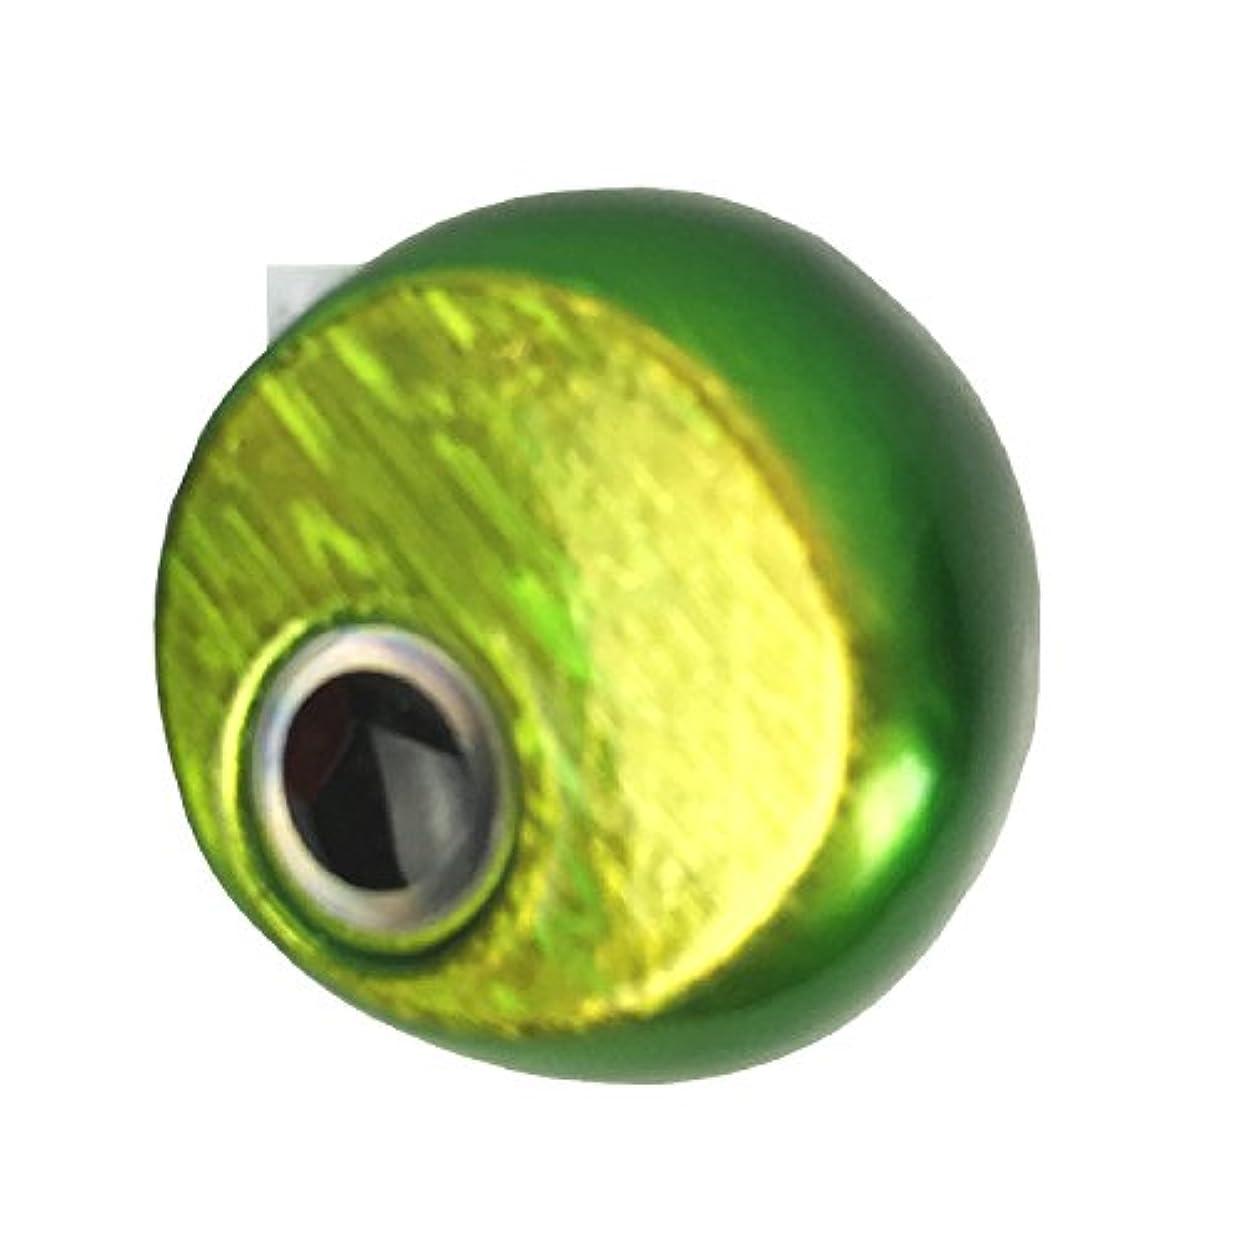 脈拍ライオネルグリーンストリート定義MOREBITES(モアバイツ) タイラバ ブリラバヘッド 120g グリーン ULU-044 ルアー